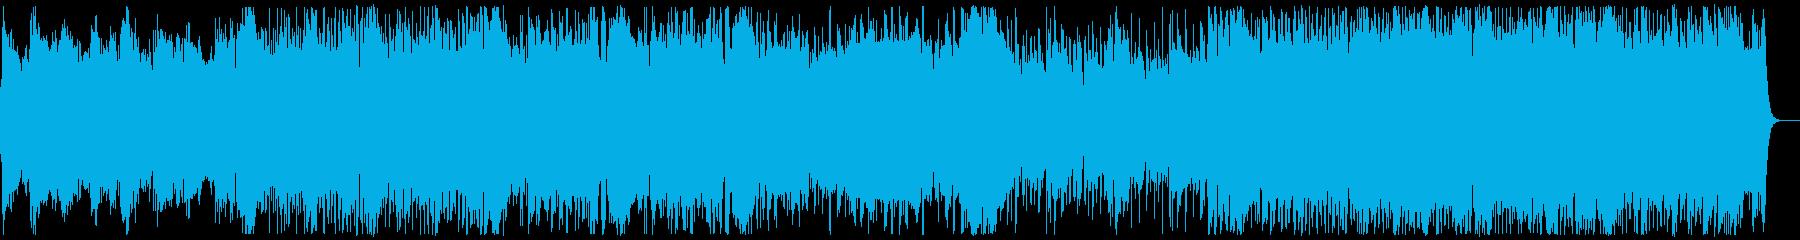 和風・和楽器・忍者ヒーロー:三味線抜きの再生済みの波形